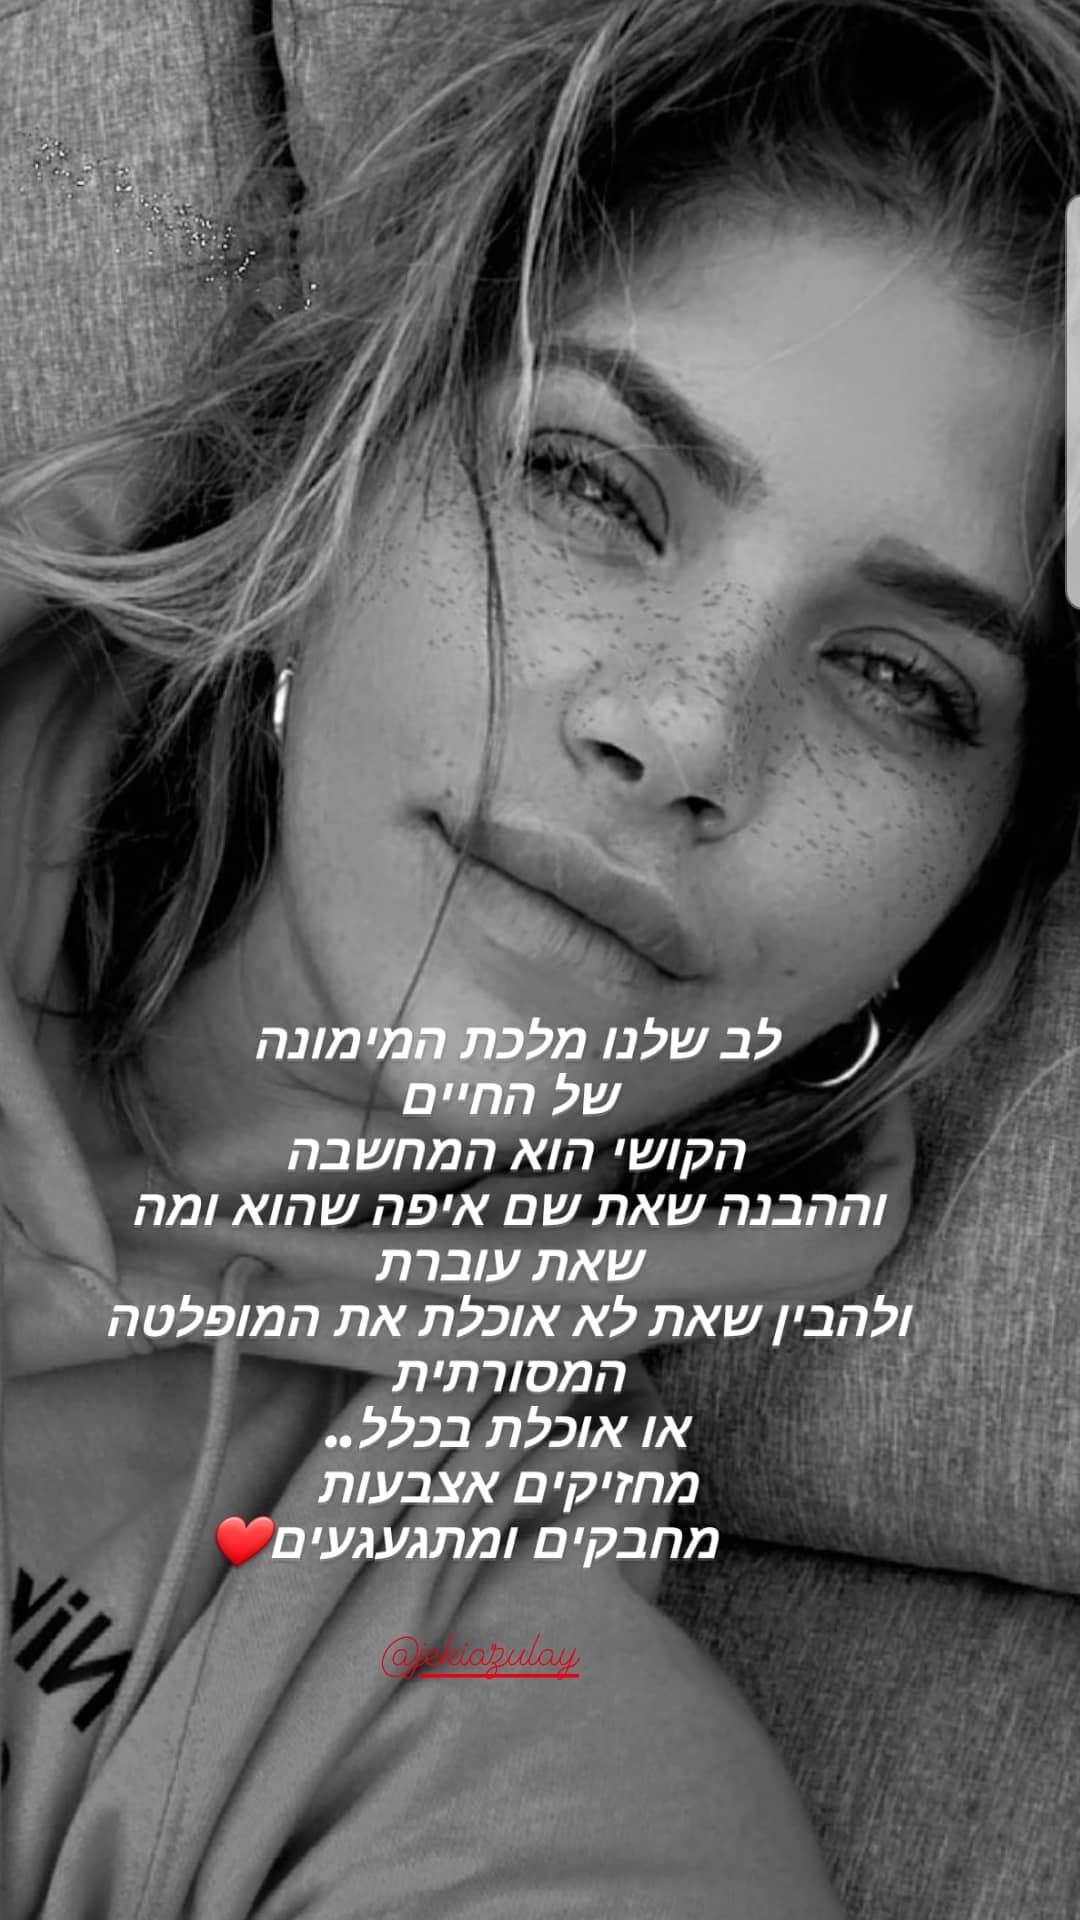 בזמן שג'קי איננה: הגרוש שלה ישראל מעביר לה מסר מרגש ומפתיע!